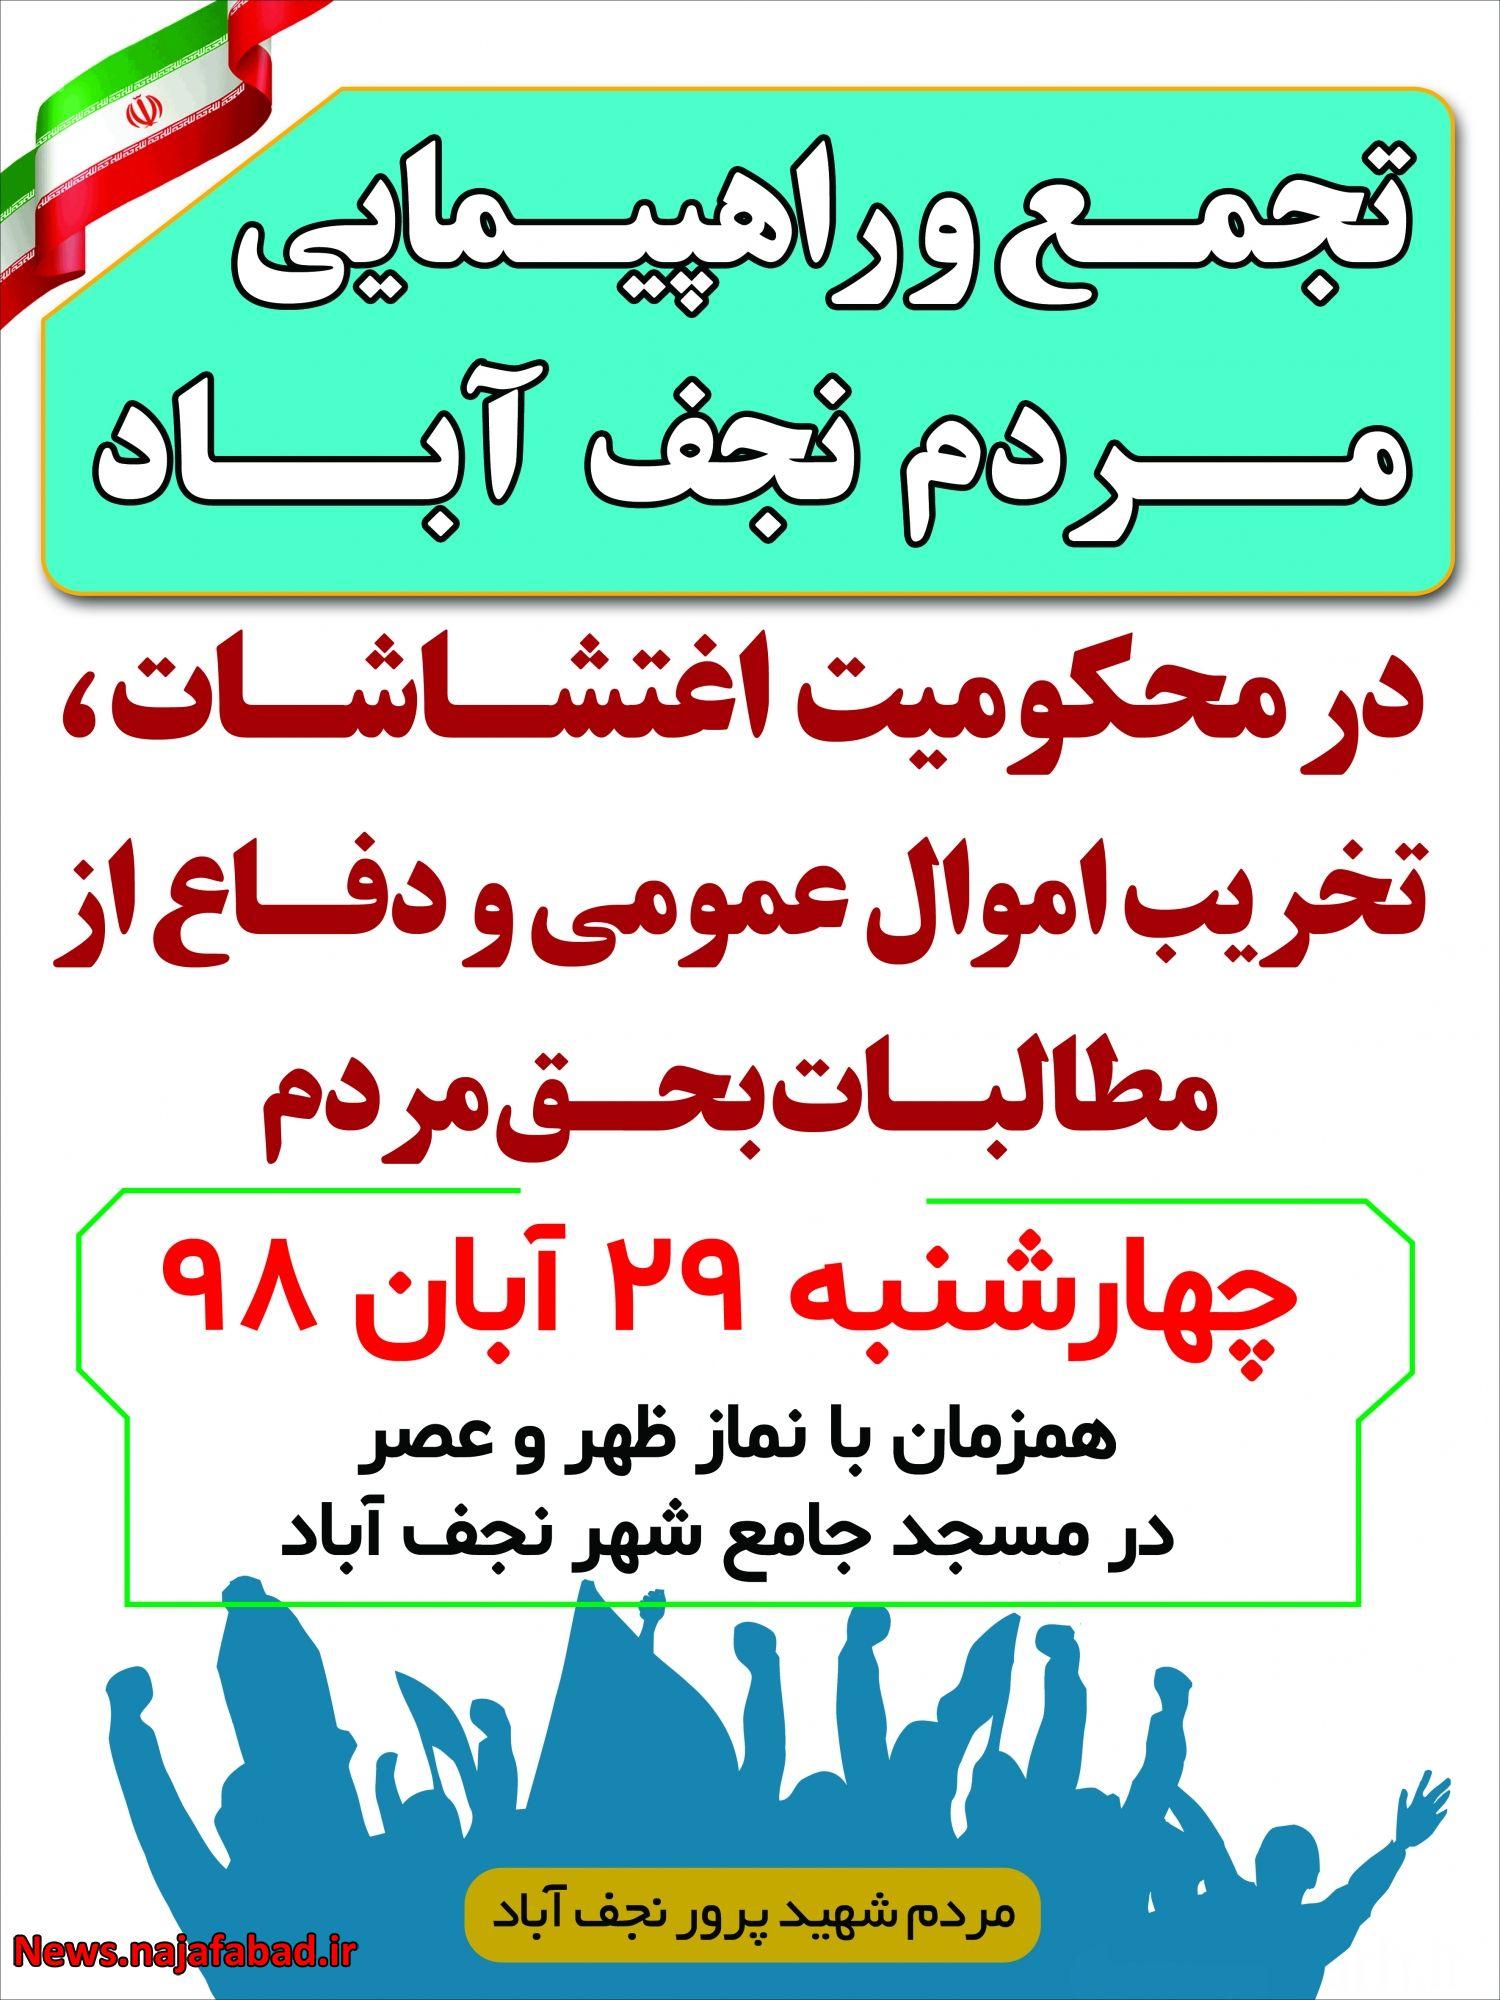 راهپیمایی مردم نجف آباد در محکومیت اغتشاش های اخیر راهپیمایی مردم نجف آباد در محکومیت اغتشاش های اخیر راهپیمایی مردم نجف آباد در محکومیت اغتشاش های اخیر